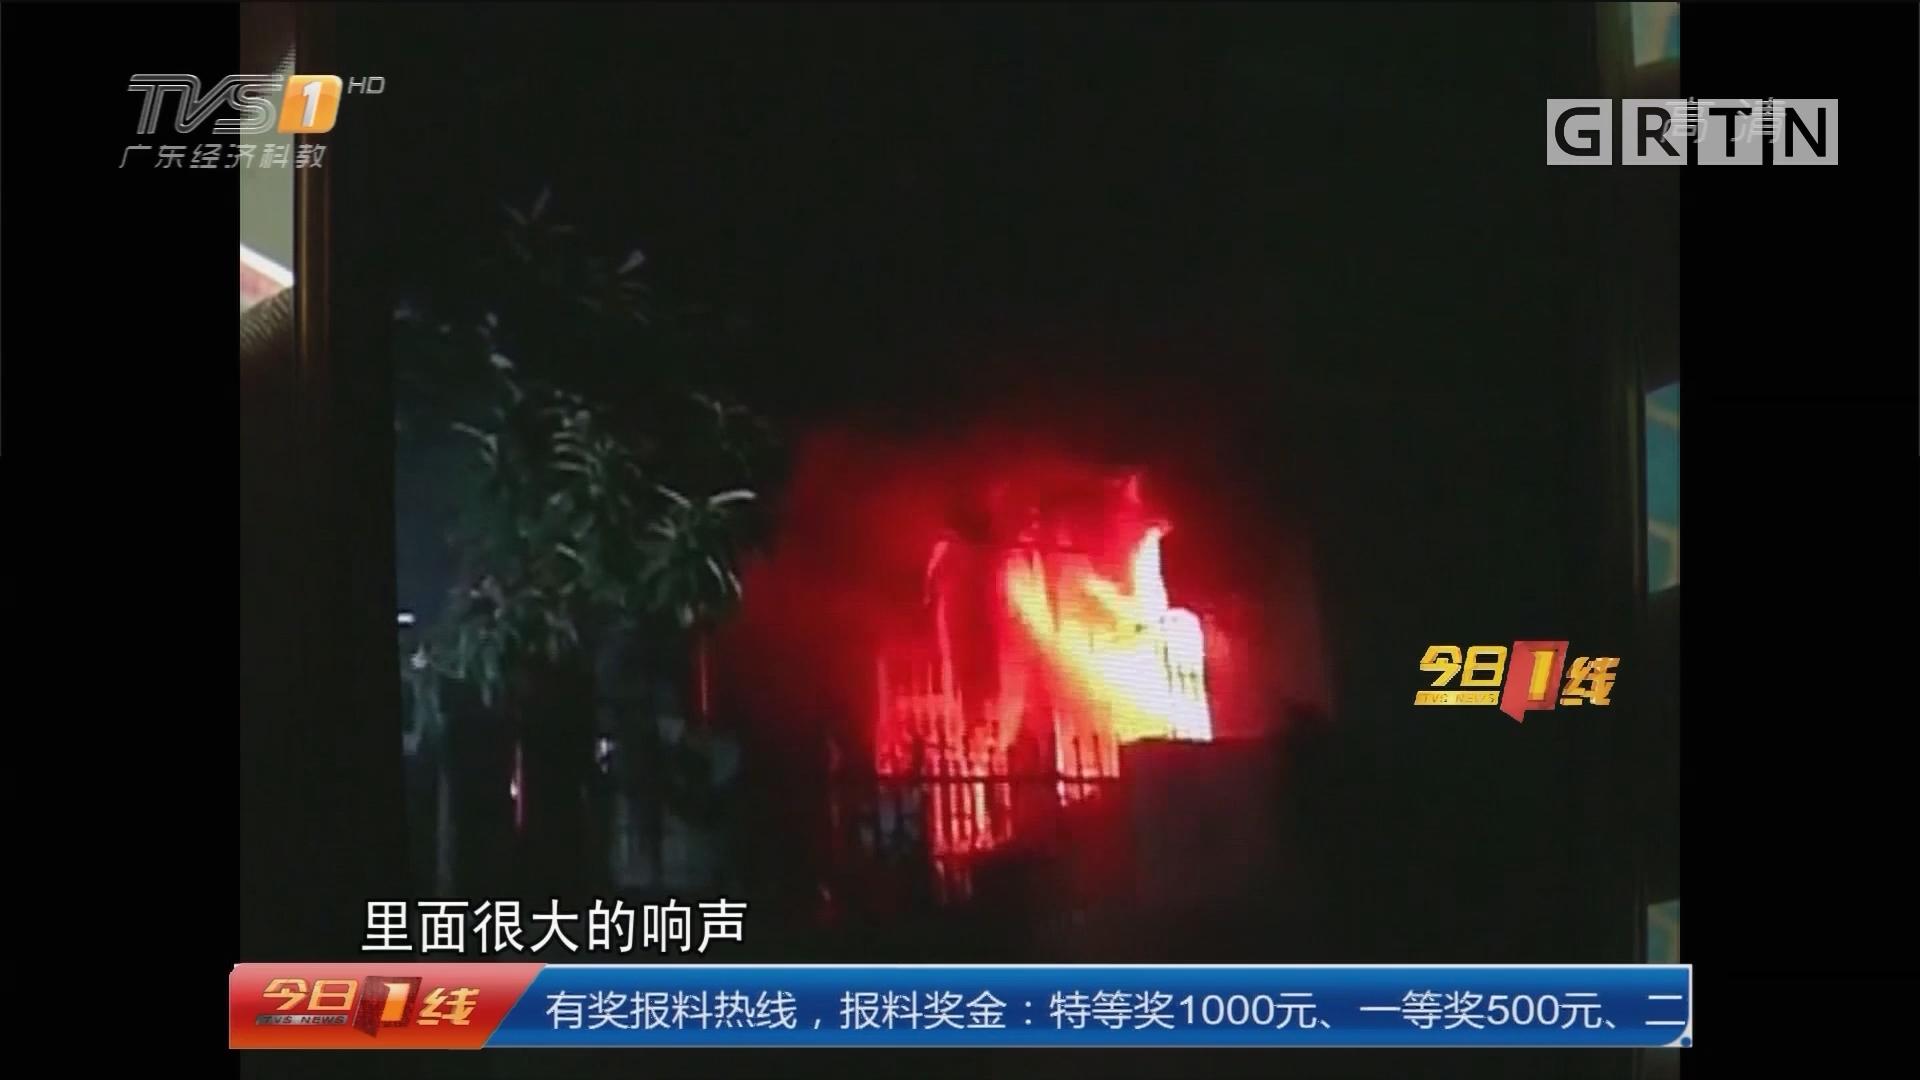 深圳:小区火灾 三小伙救出被困老人